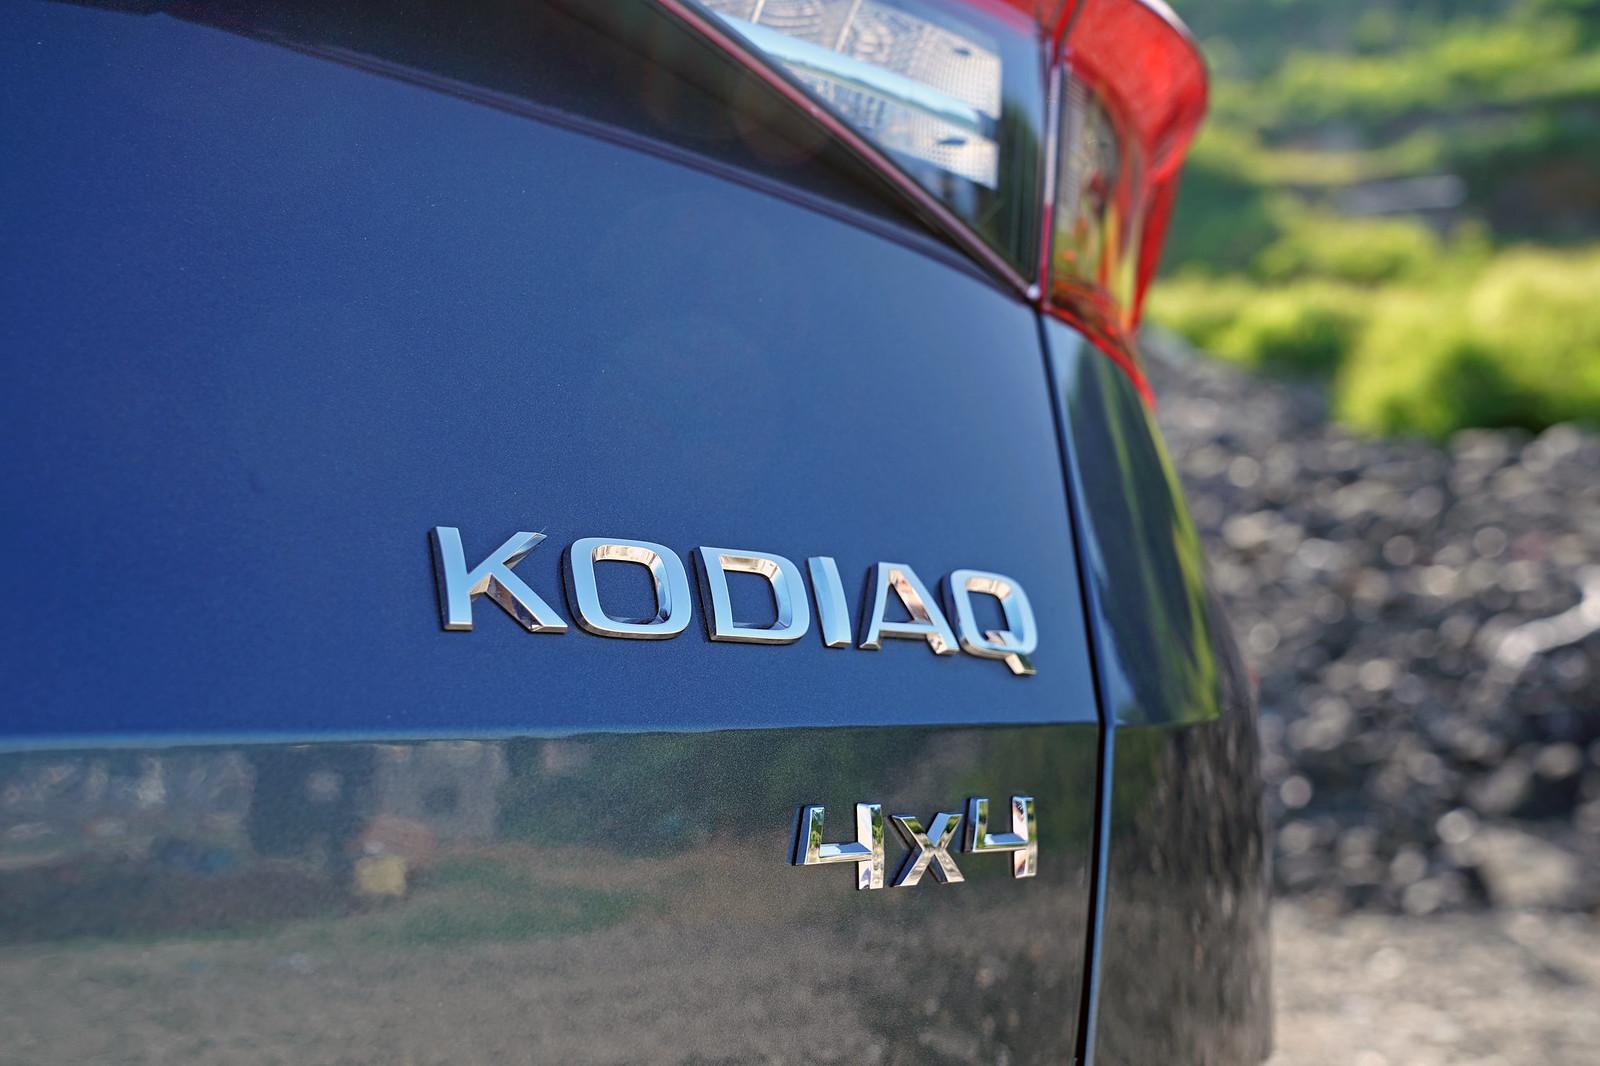 Kodiaq-15